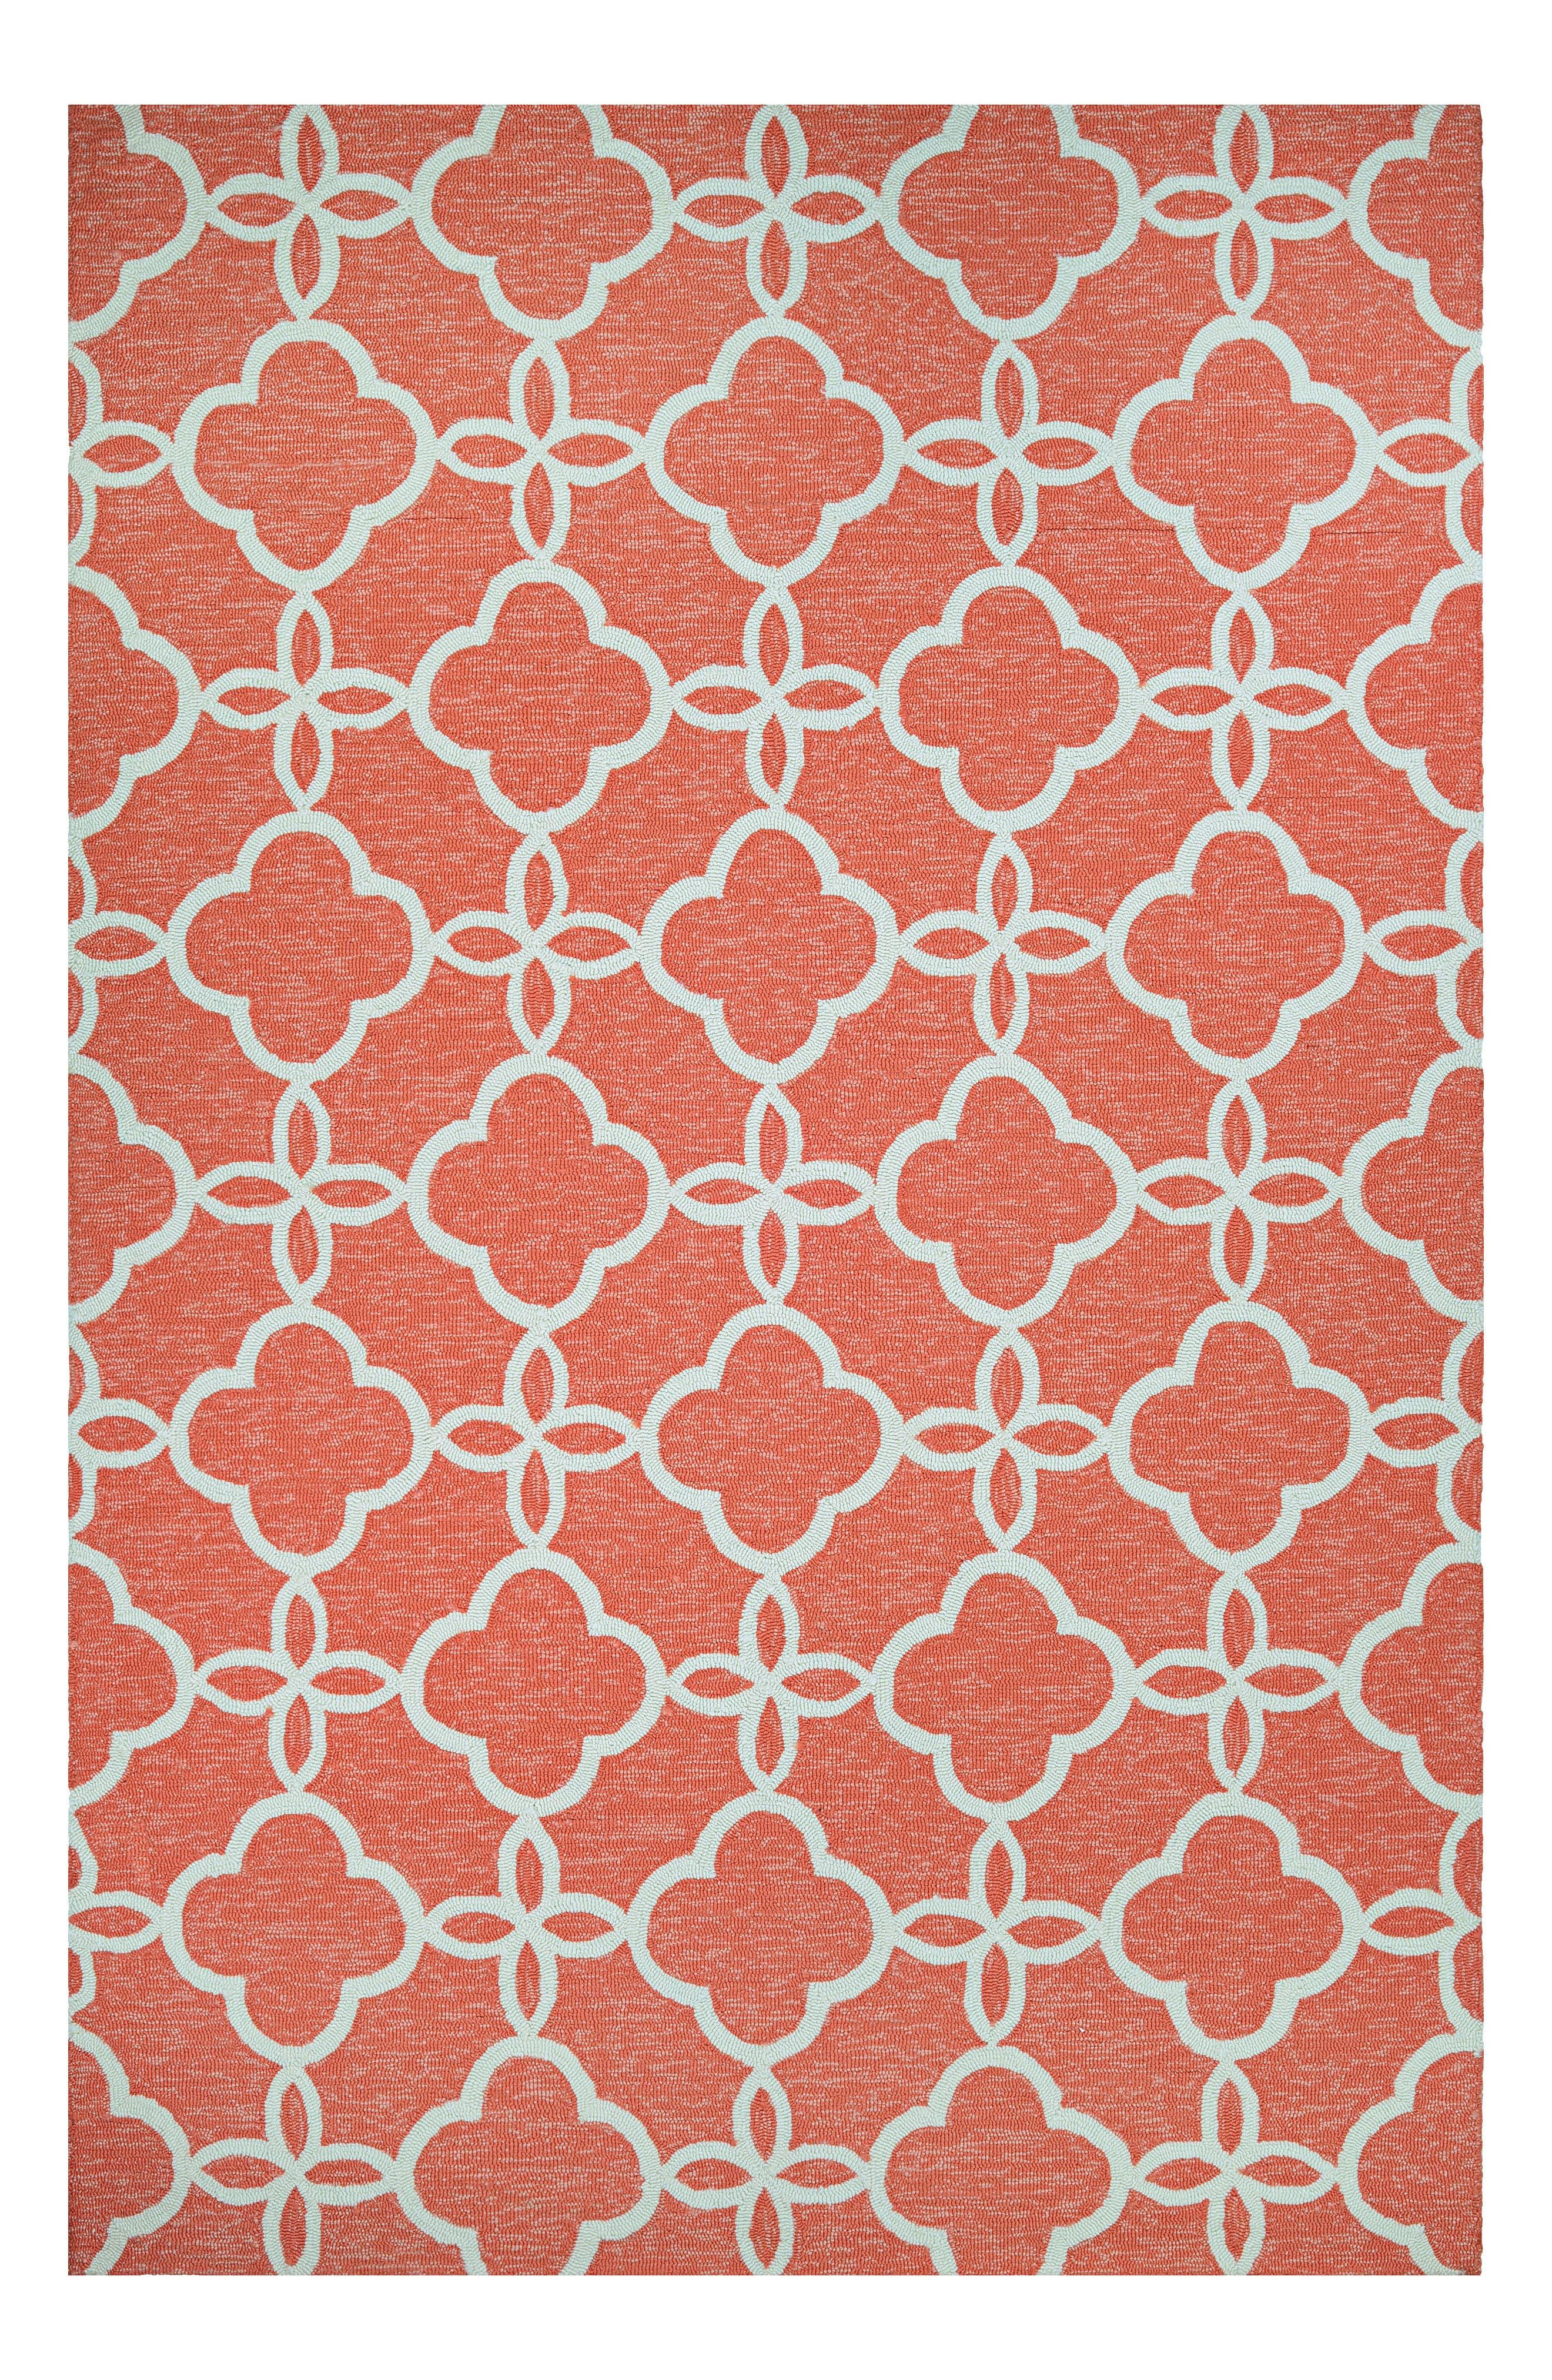 Meadowlark Indoor/Outdoor Rug,                             Main thumbnail 1, color,                             950